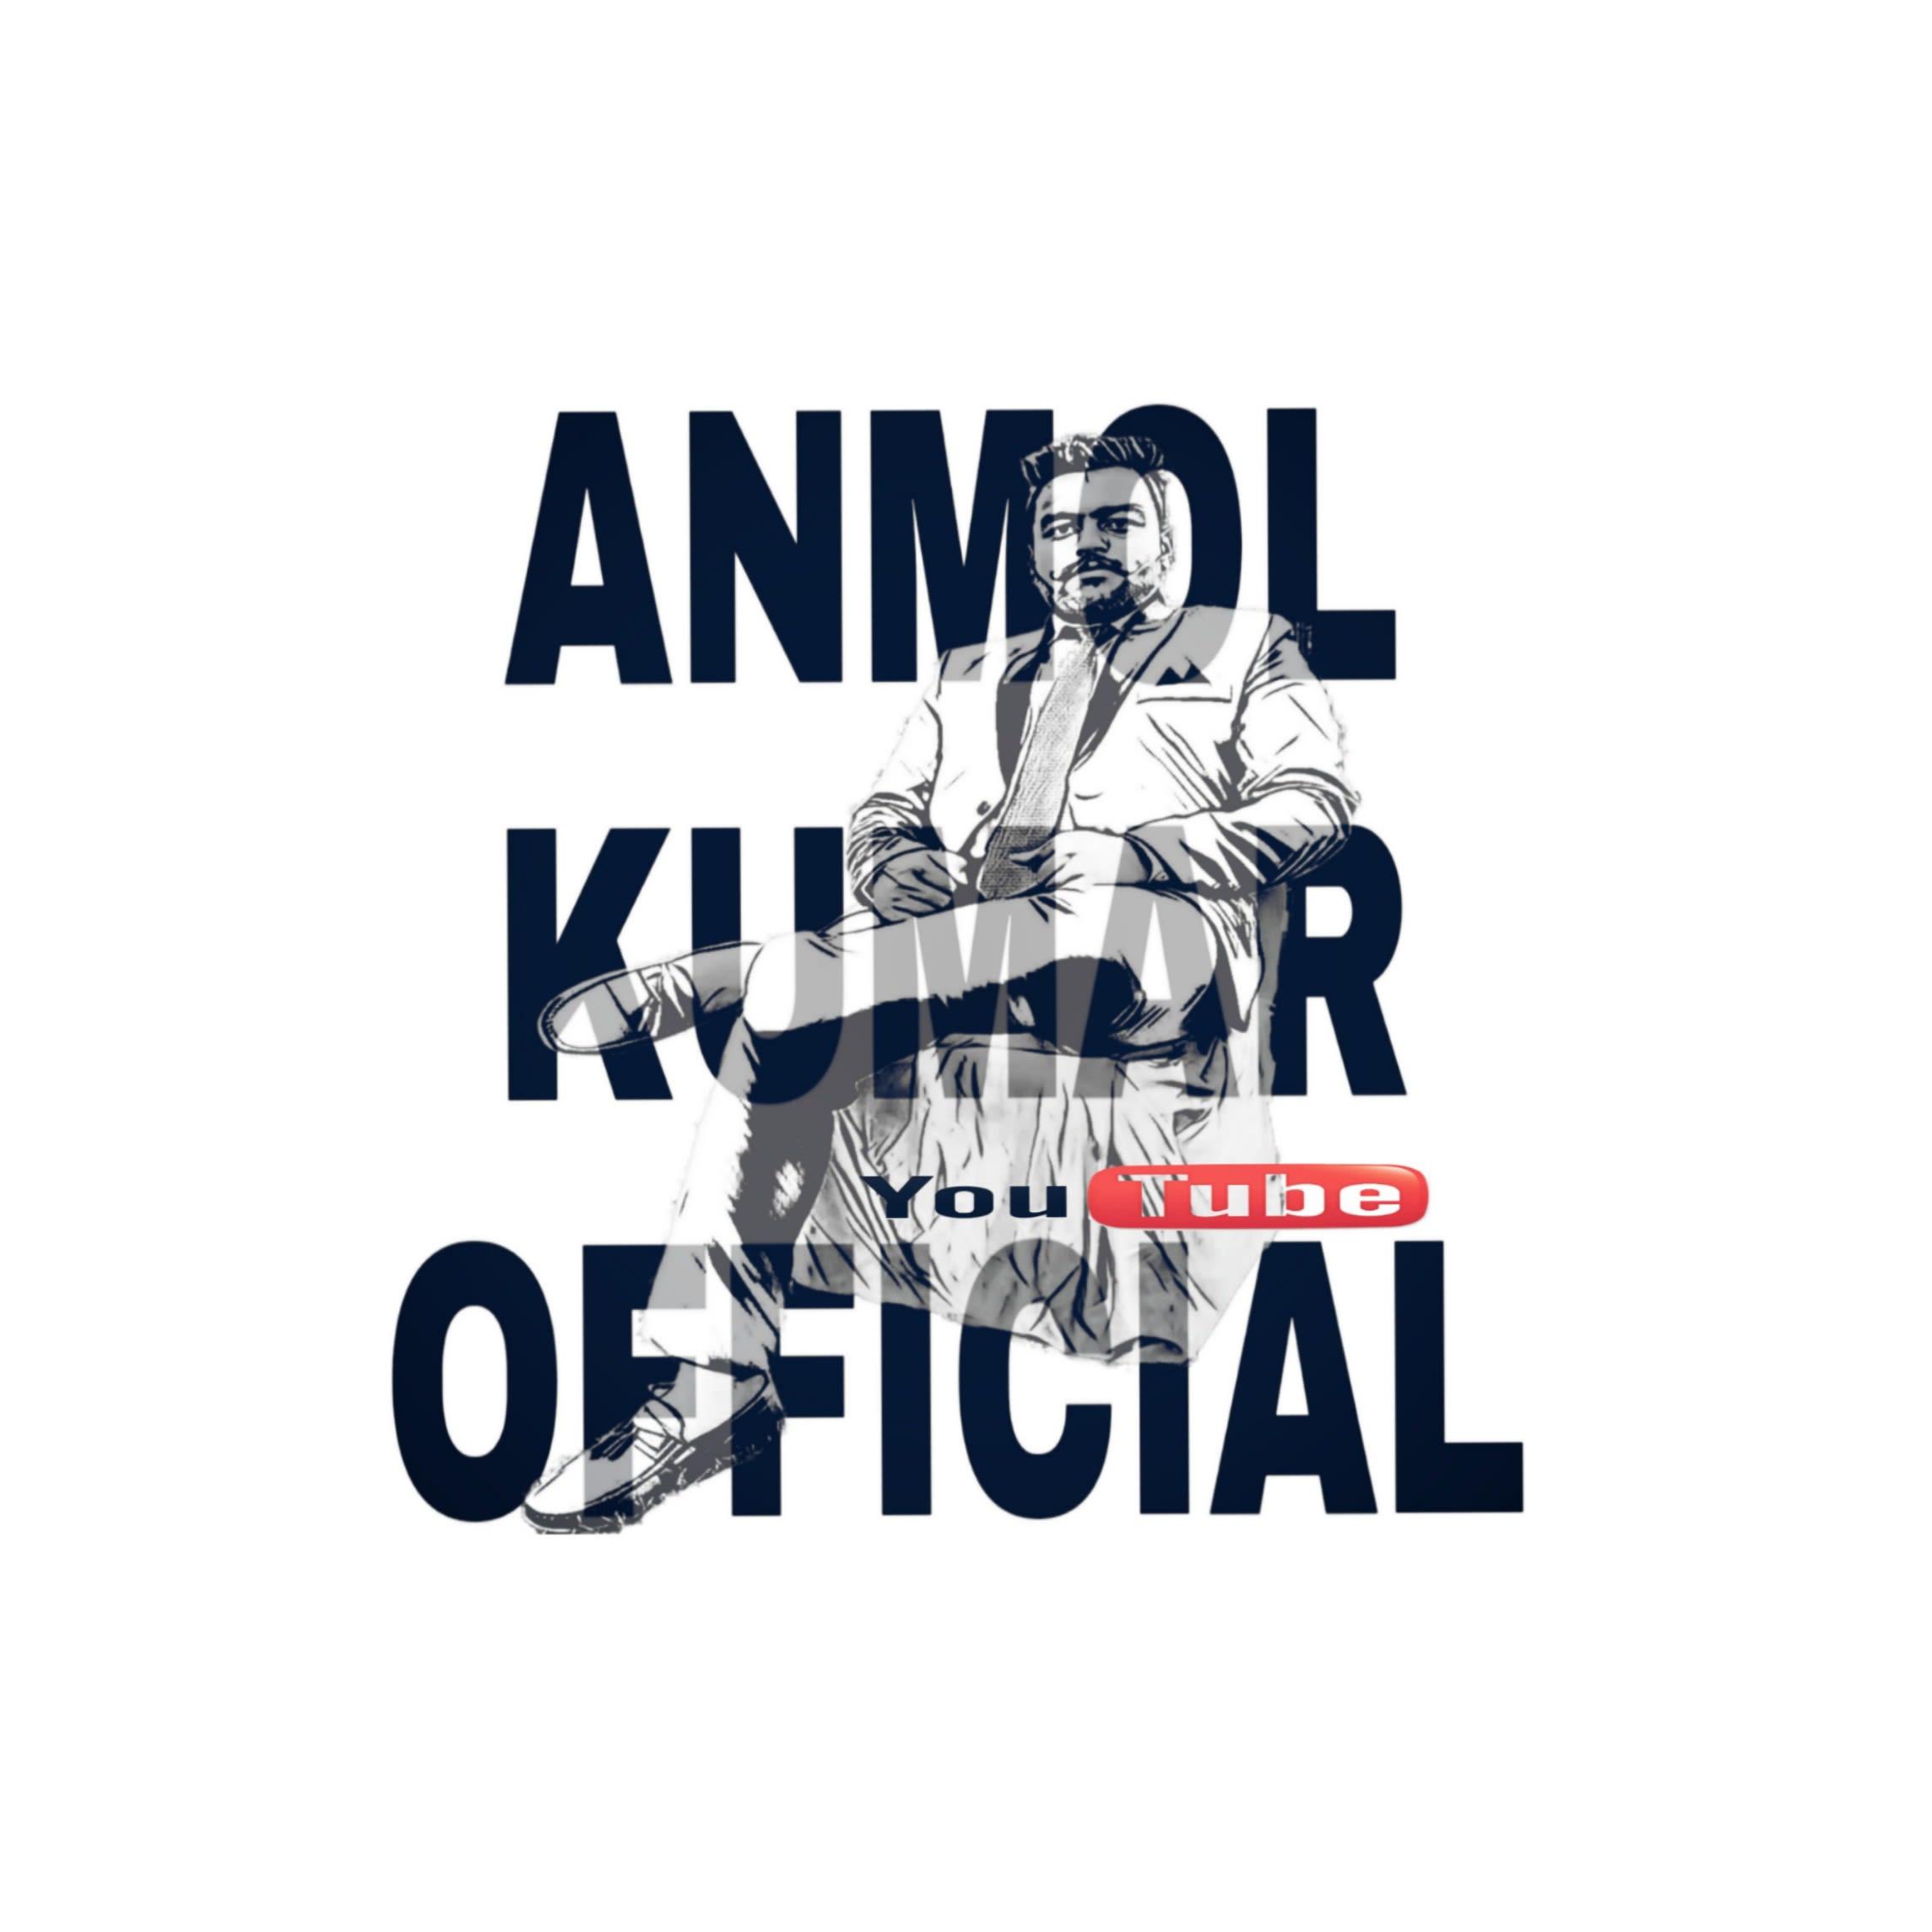 Anmol Kumar Official